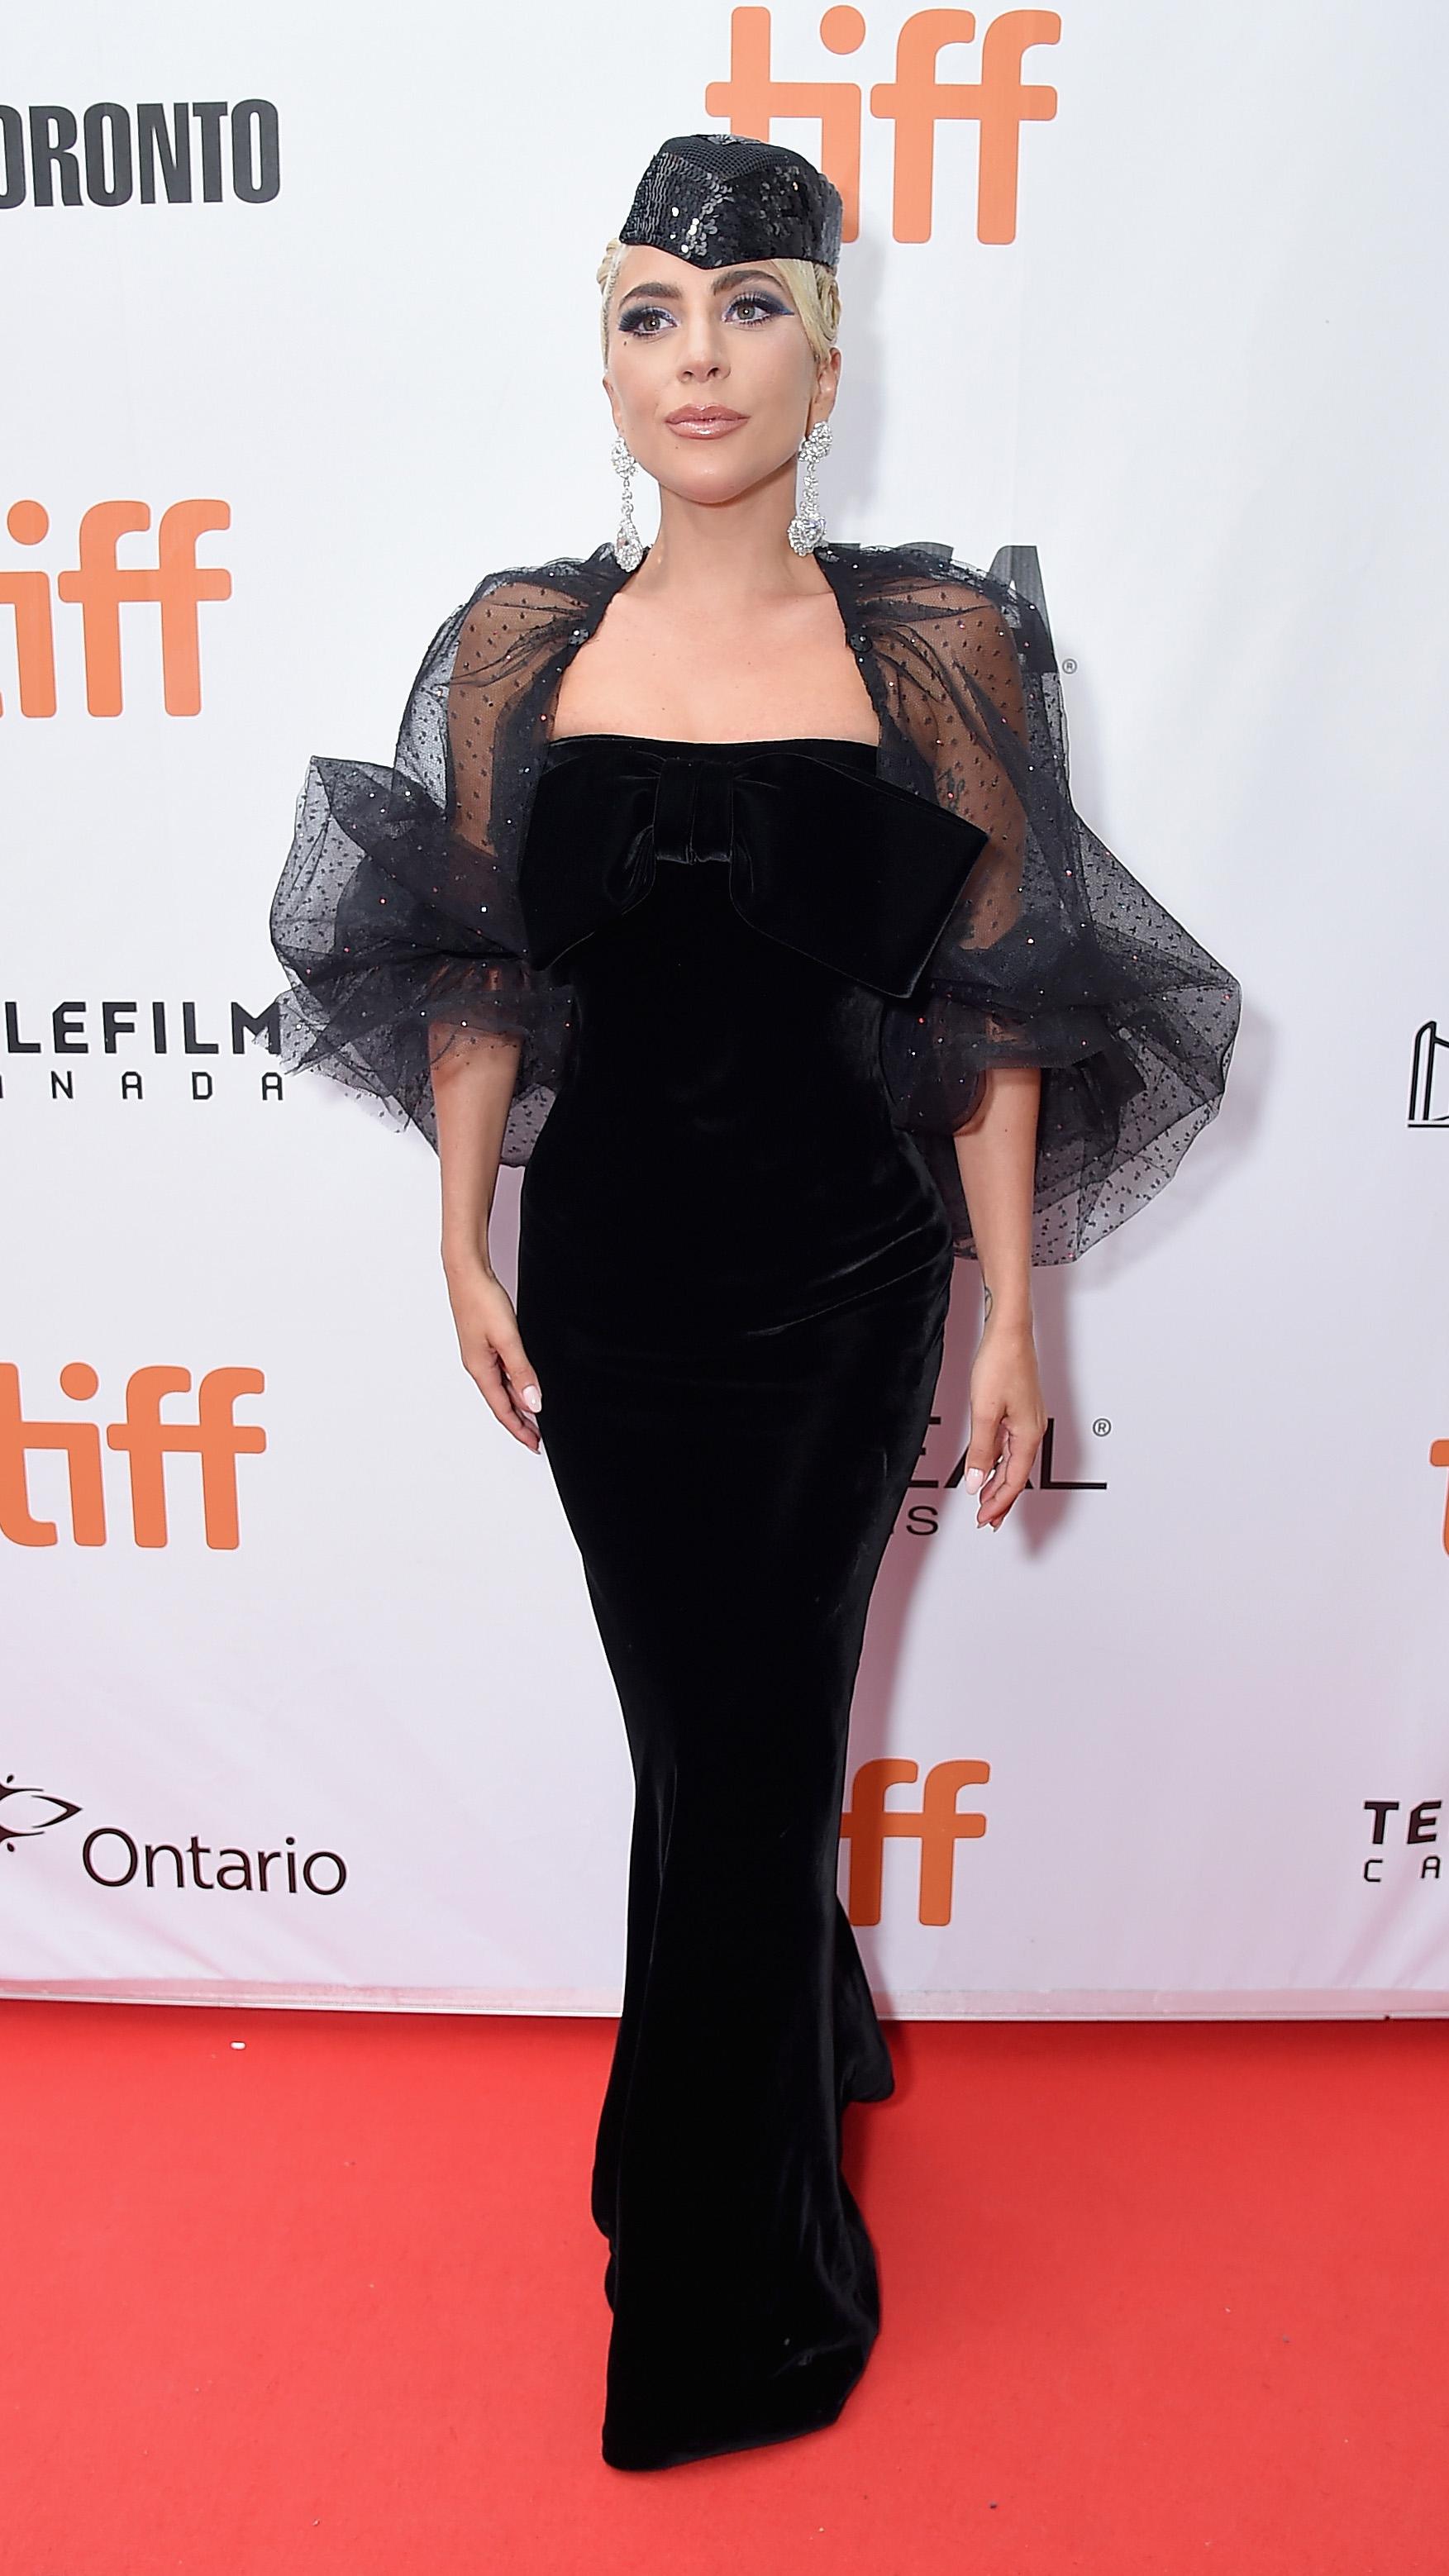 """Прожекцията на римейка """"Роди се звезда"""" с участието на певицата Лейди Гага предизвика възторжените отзиви на публика и критика на кинофестивала в Торонто, съобщава Асошиейтед прес.<br /> Реакцията на романтичната сага, която е режисьорски дебют на актьора Брадли Купър, беше забележителна и на кинофеста се зароди истинска мания около лентата. Критиците се похвалиха, че са се просълзили, а феновете, на излизане от киносалоните, възхваляваха """"славното"""" и """"възхитително"""" изпълнение на Лейди Гага."""